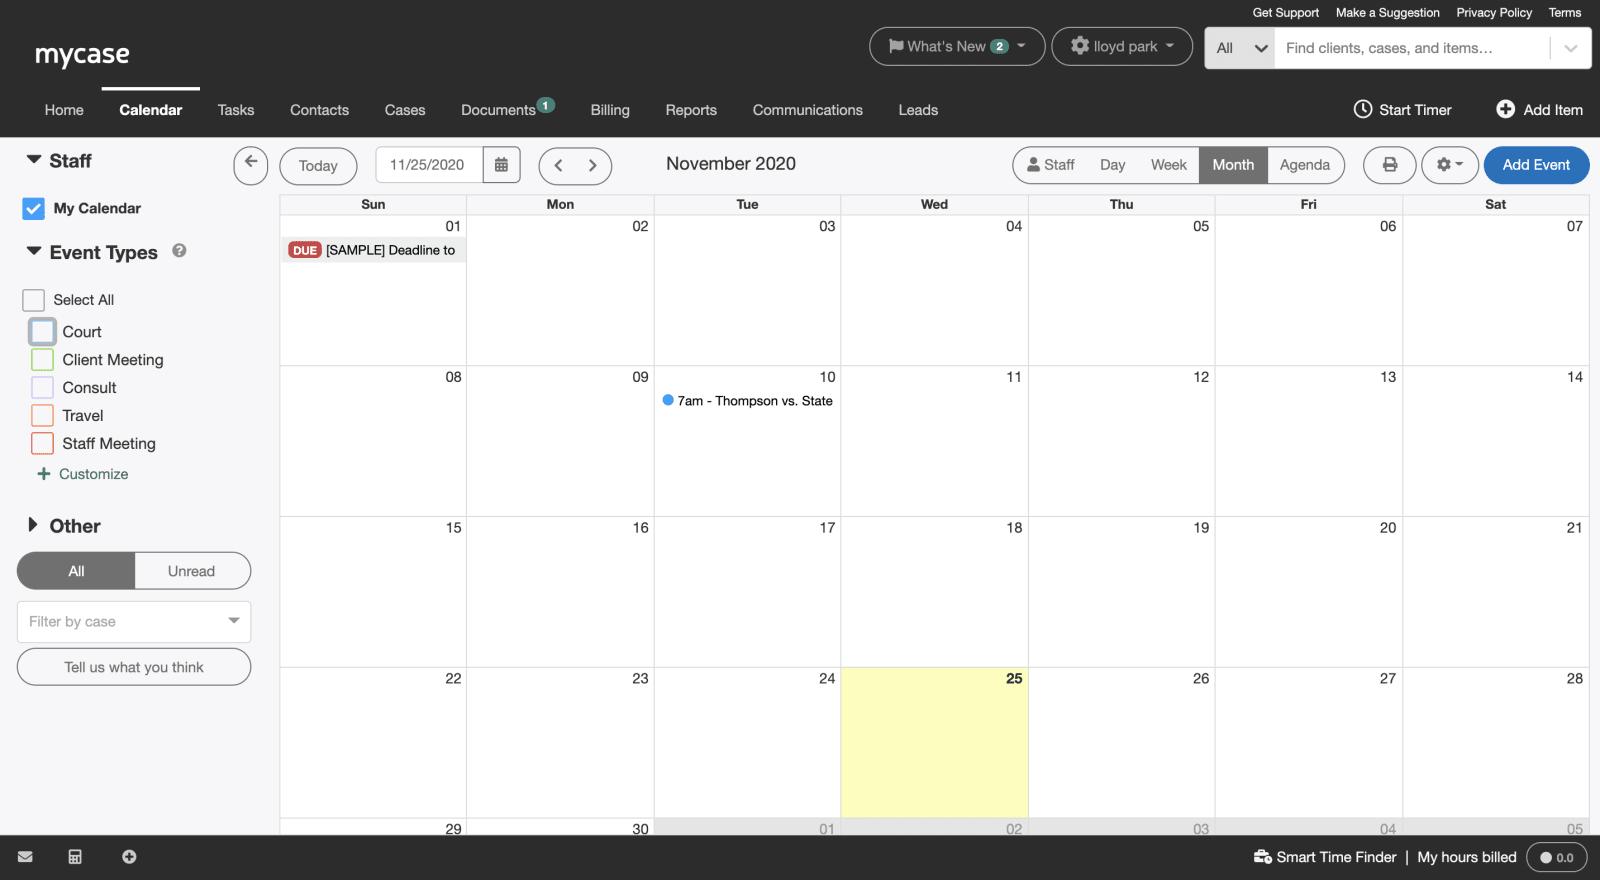 MyCase calendar image